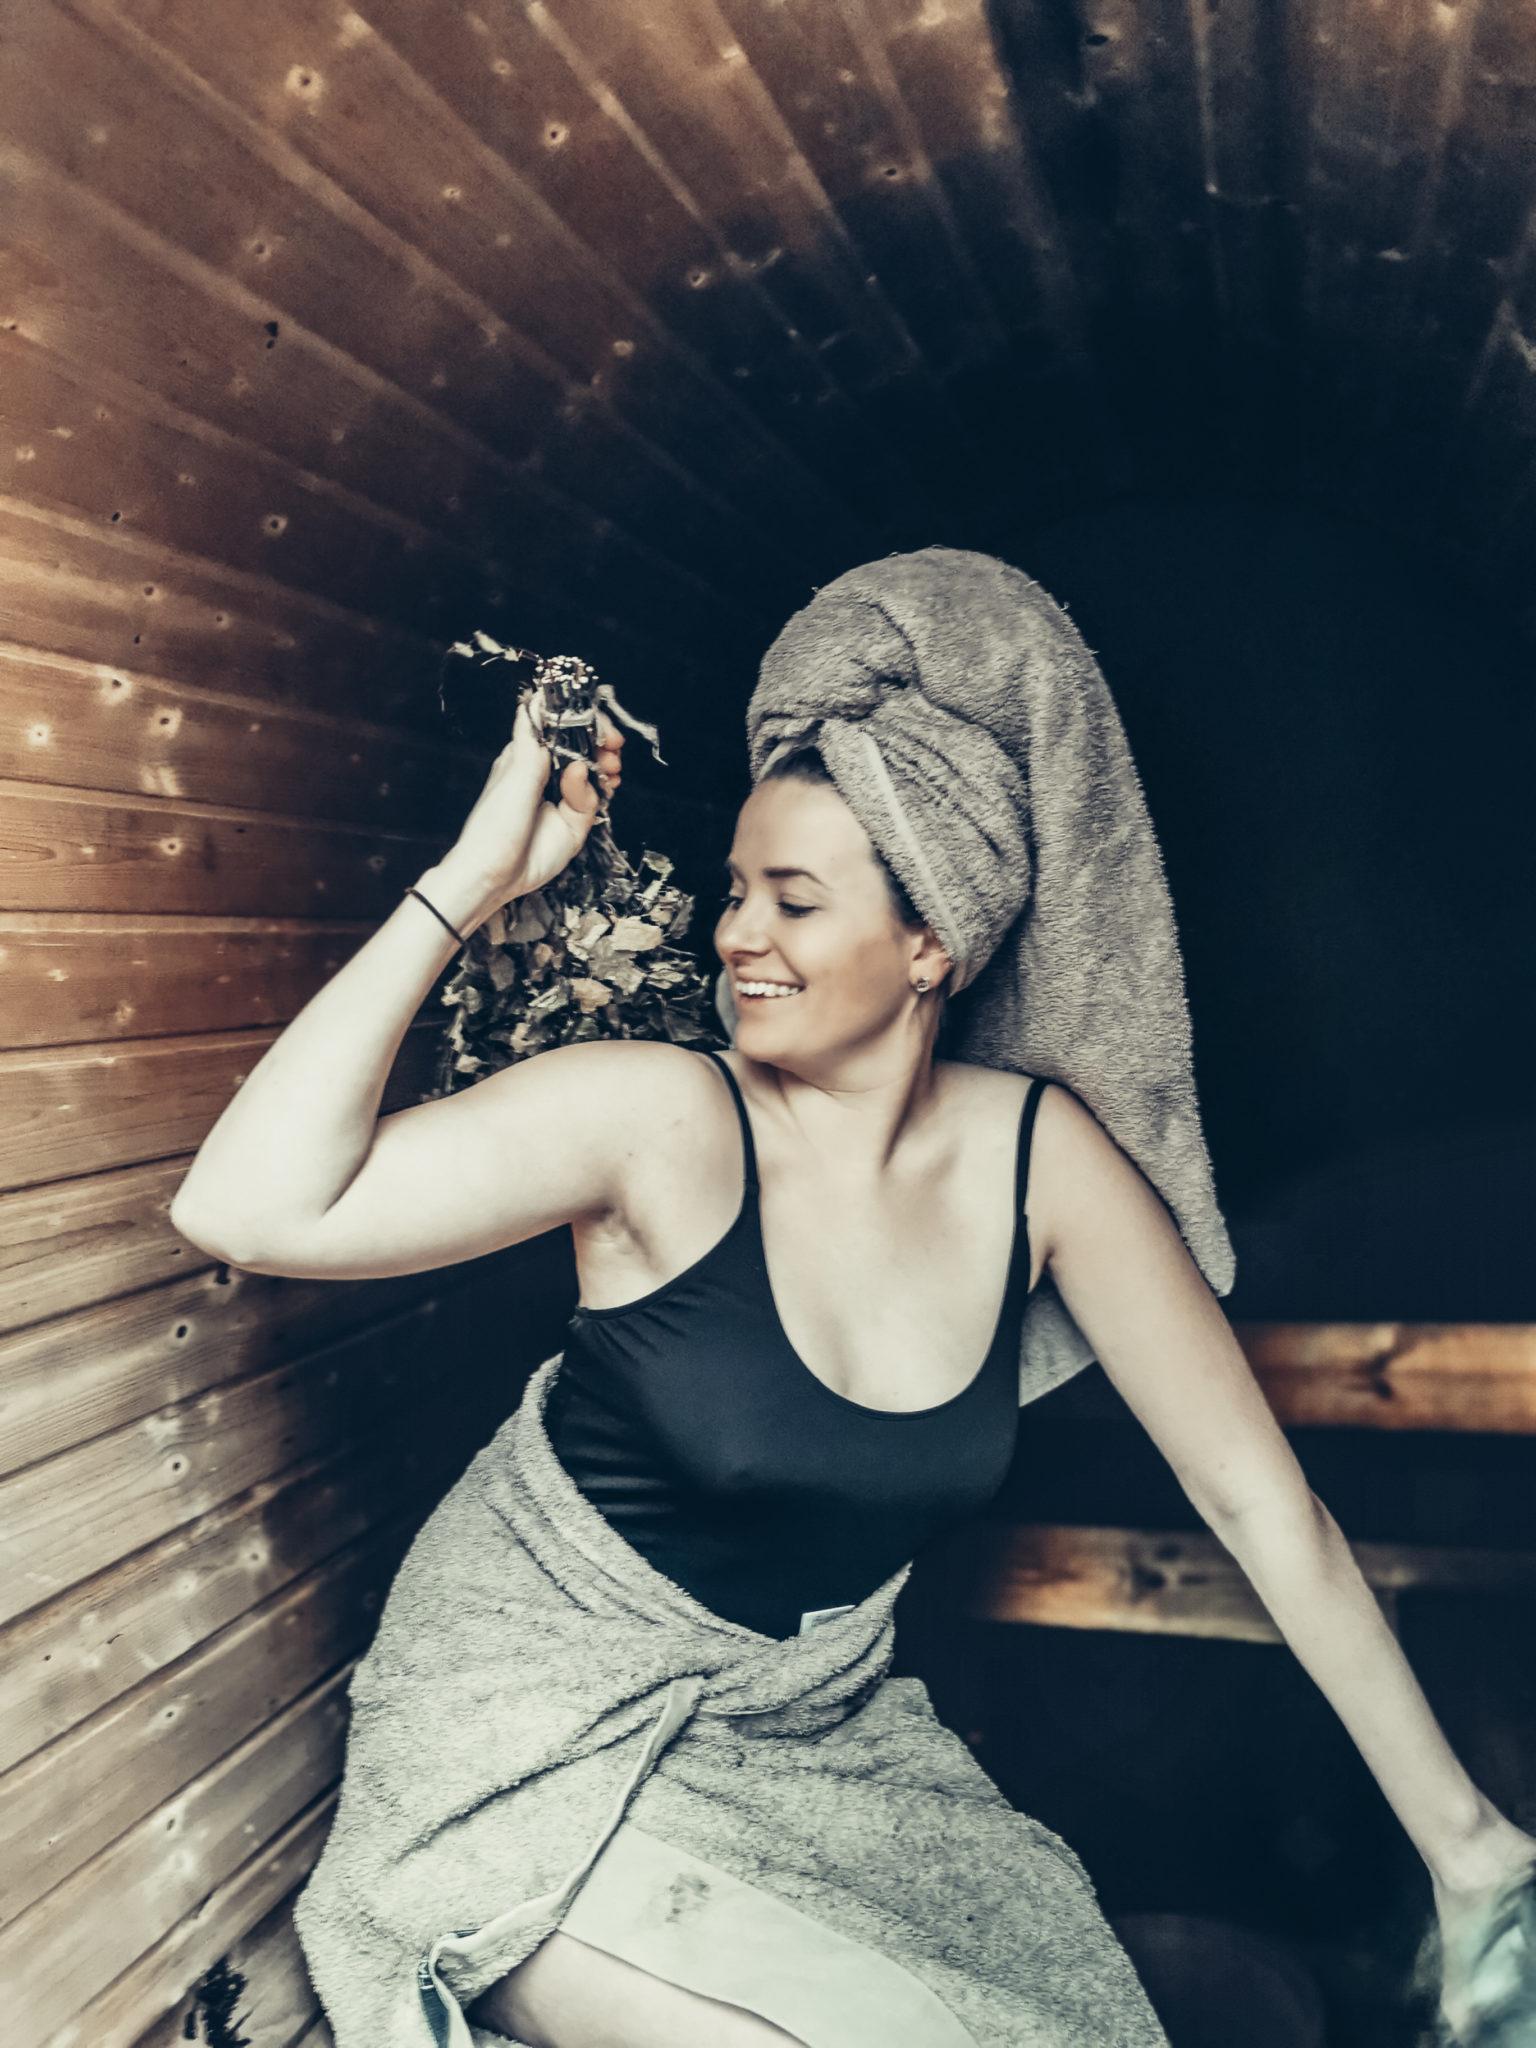 Yango, Yangosuomi, Yango Finland, Yango sauna